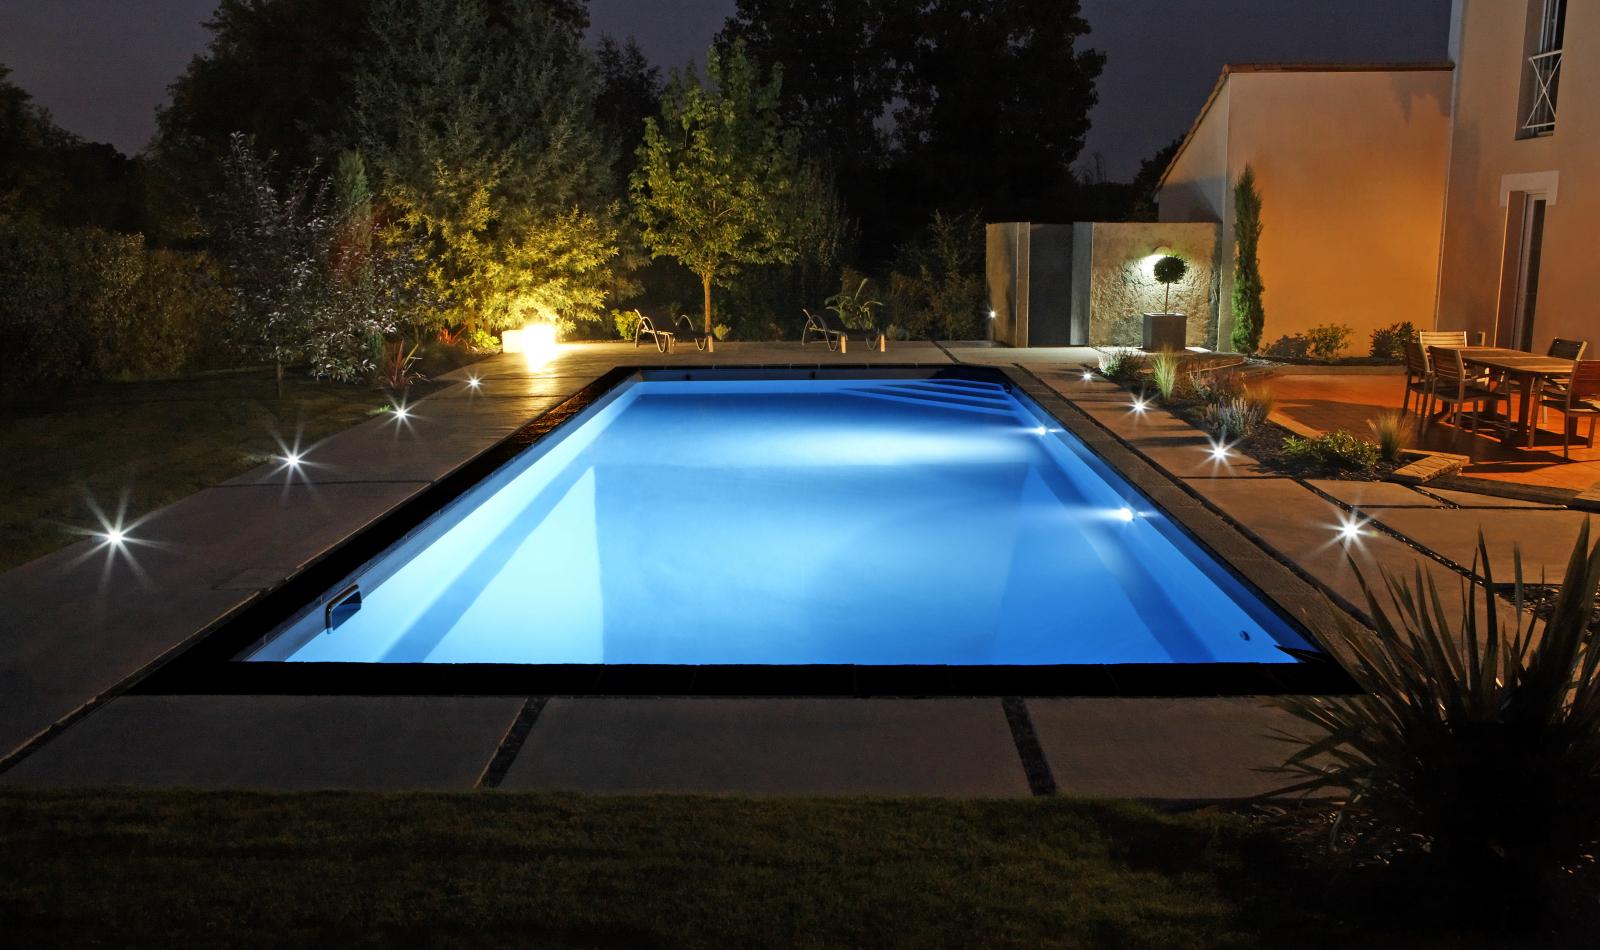 eclairage piscine nuit